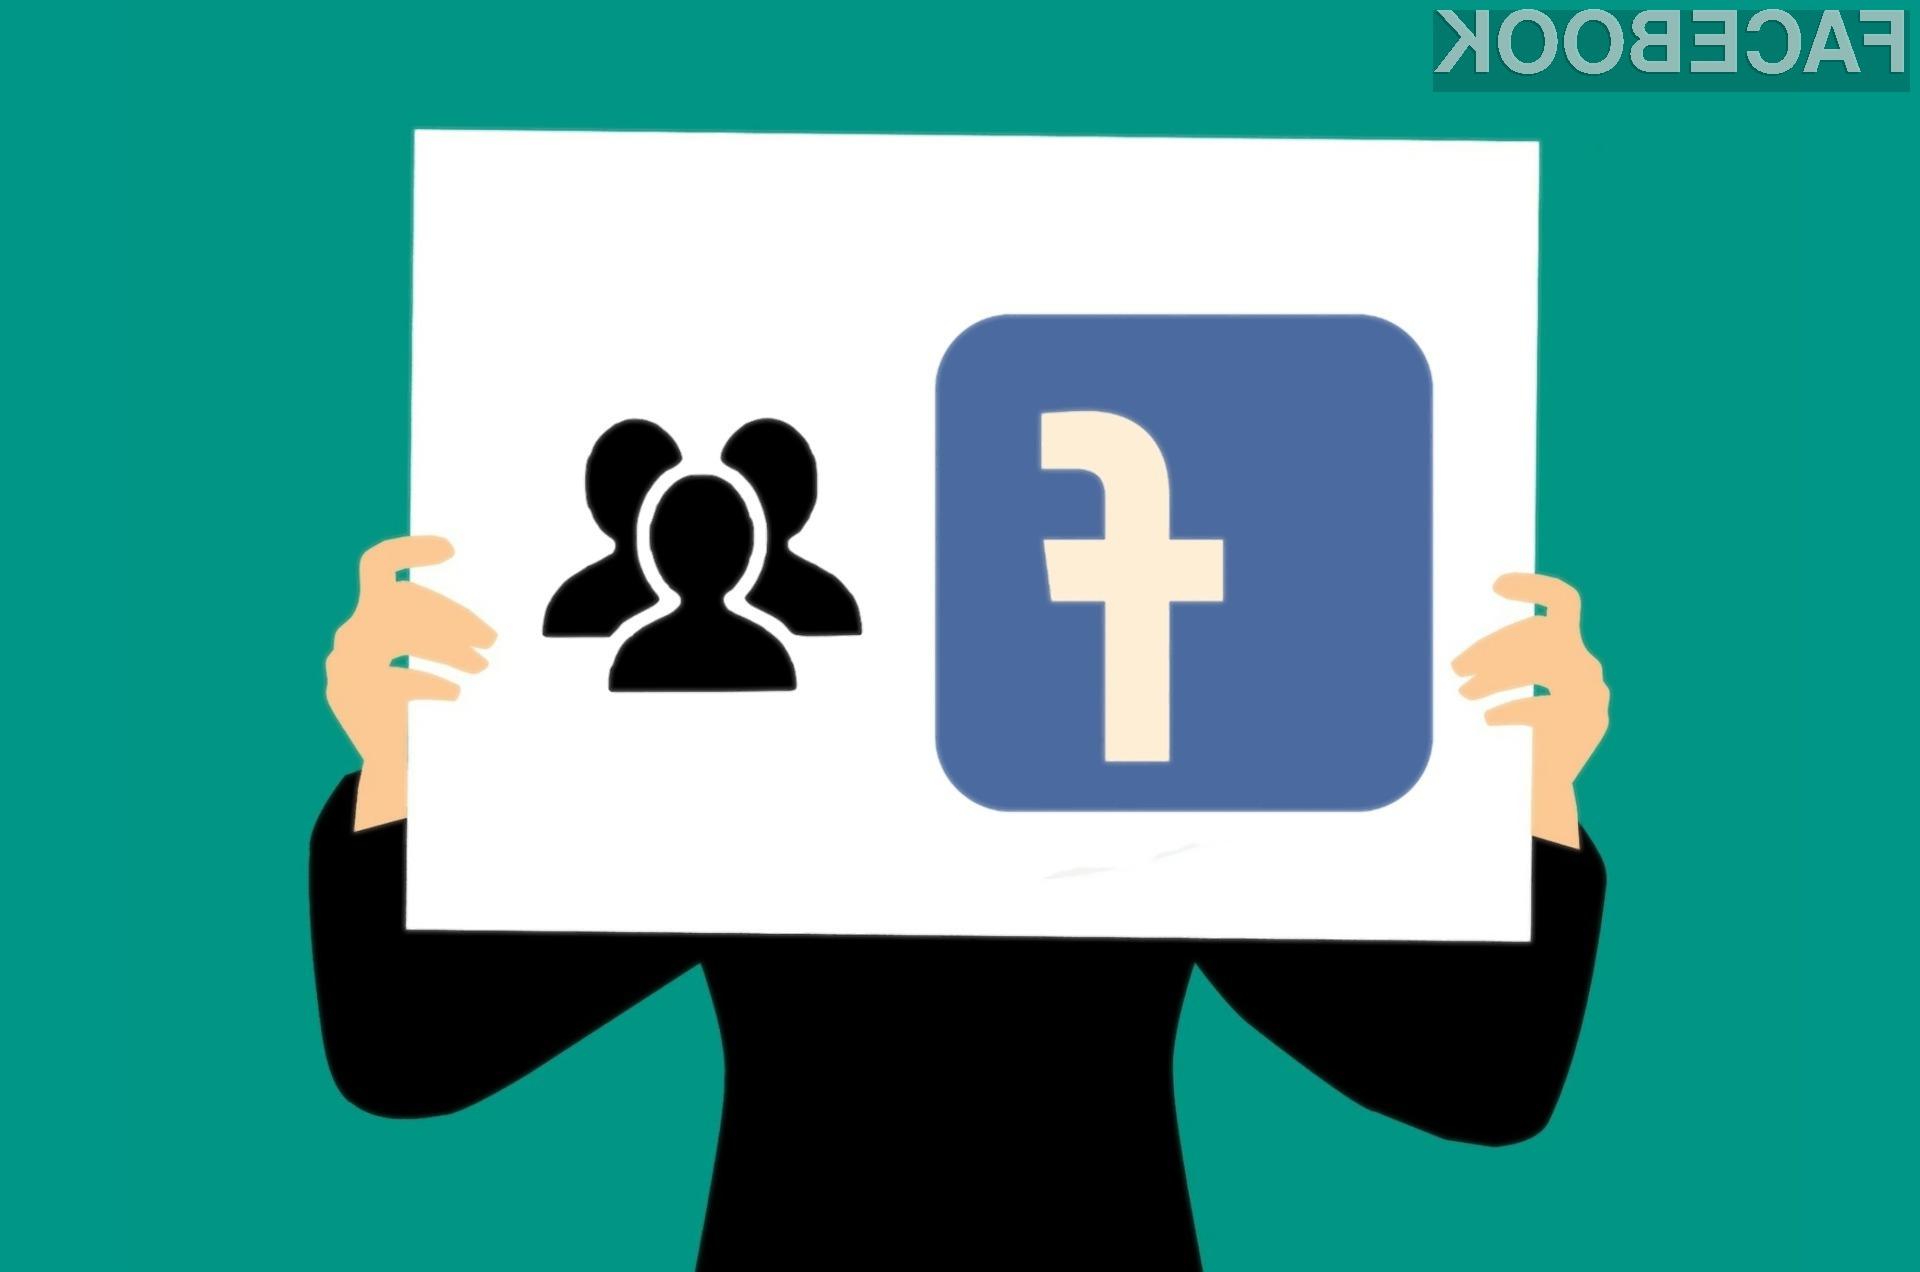 https://www.racunalniske-novice.com/novice/splet/socialna-omrezja/facebook/ali-naj-za-vedno-preneham-z-uporabo-facebooka.html?RSS665db6733aab23501312a8b85dfc2018